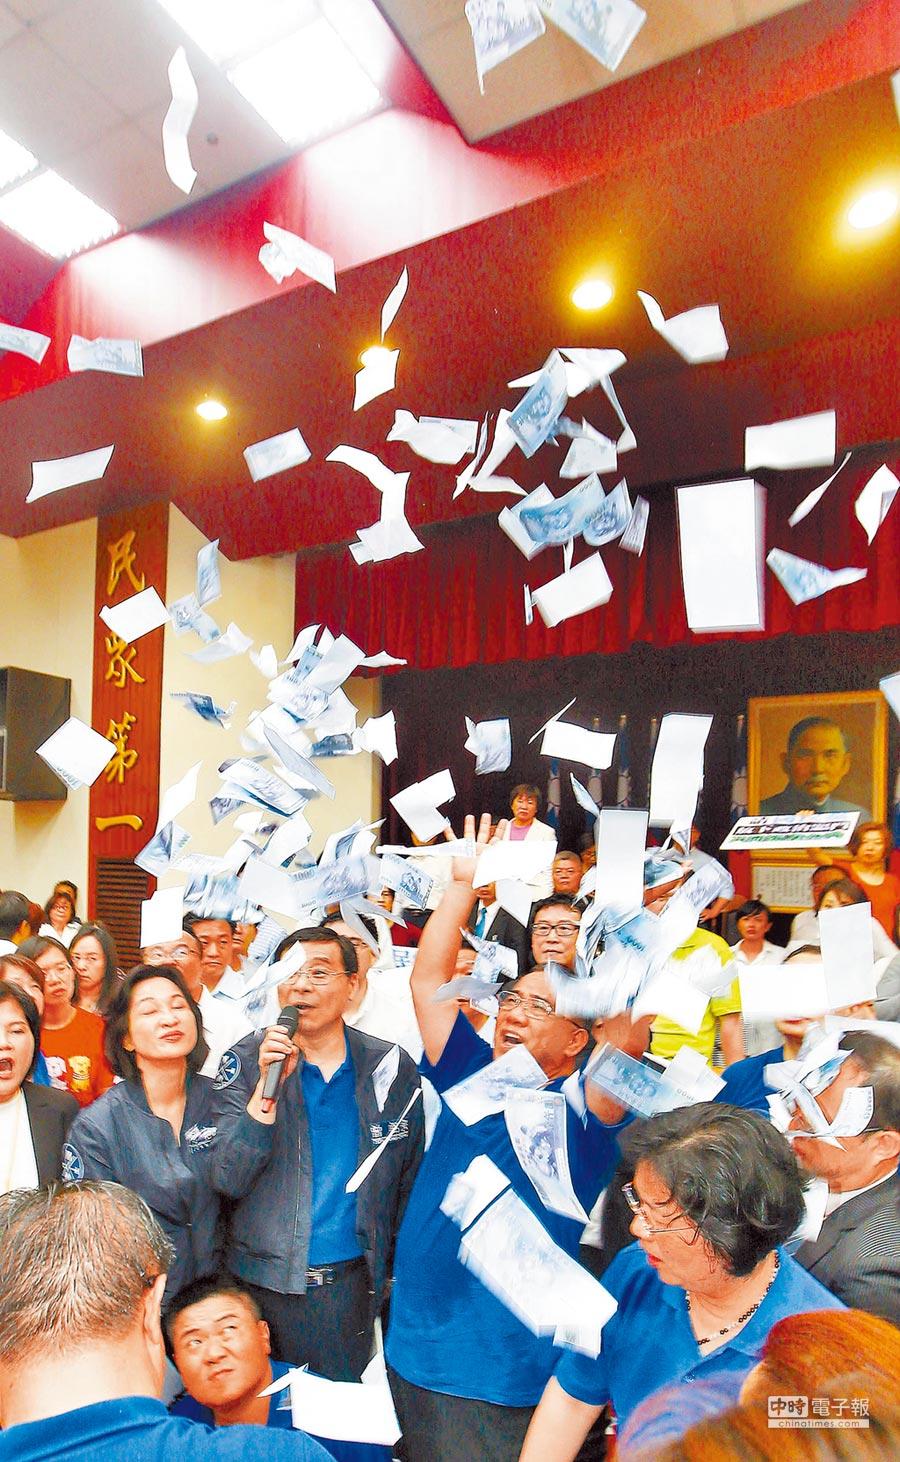 立院藍綠衝突後藍委撒假鈔,諷民進黨撒錢。(本報系資料照片)